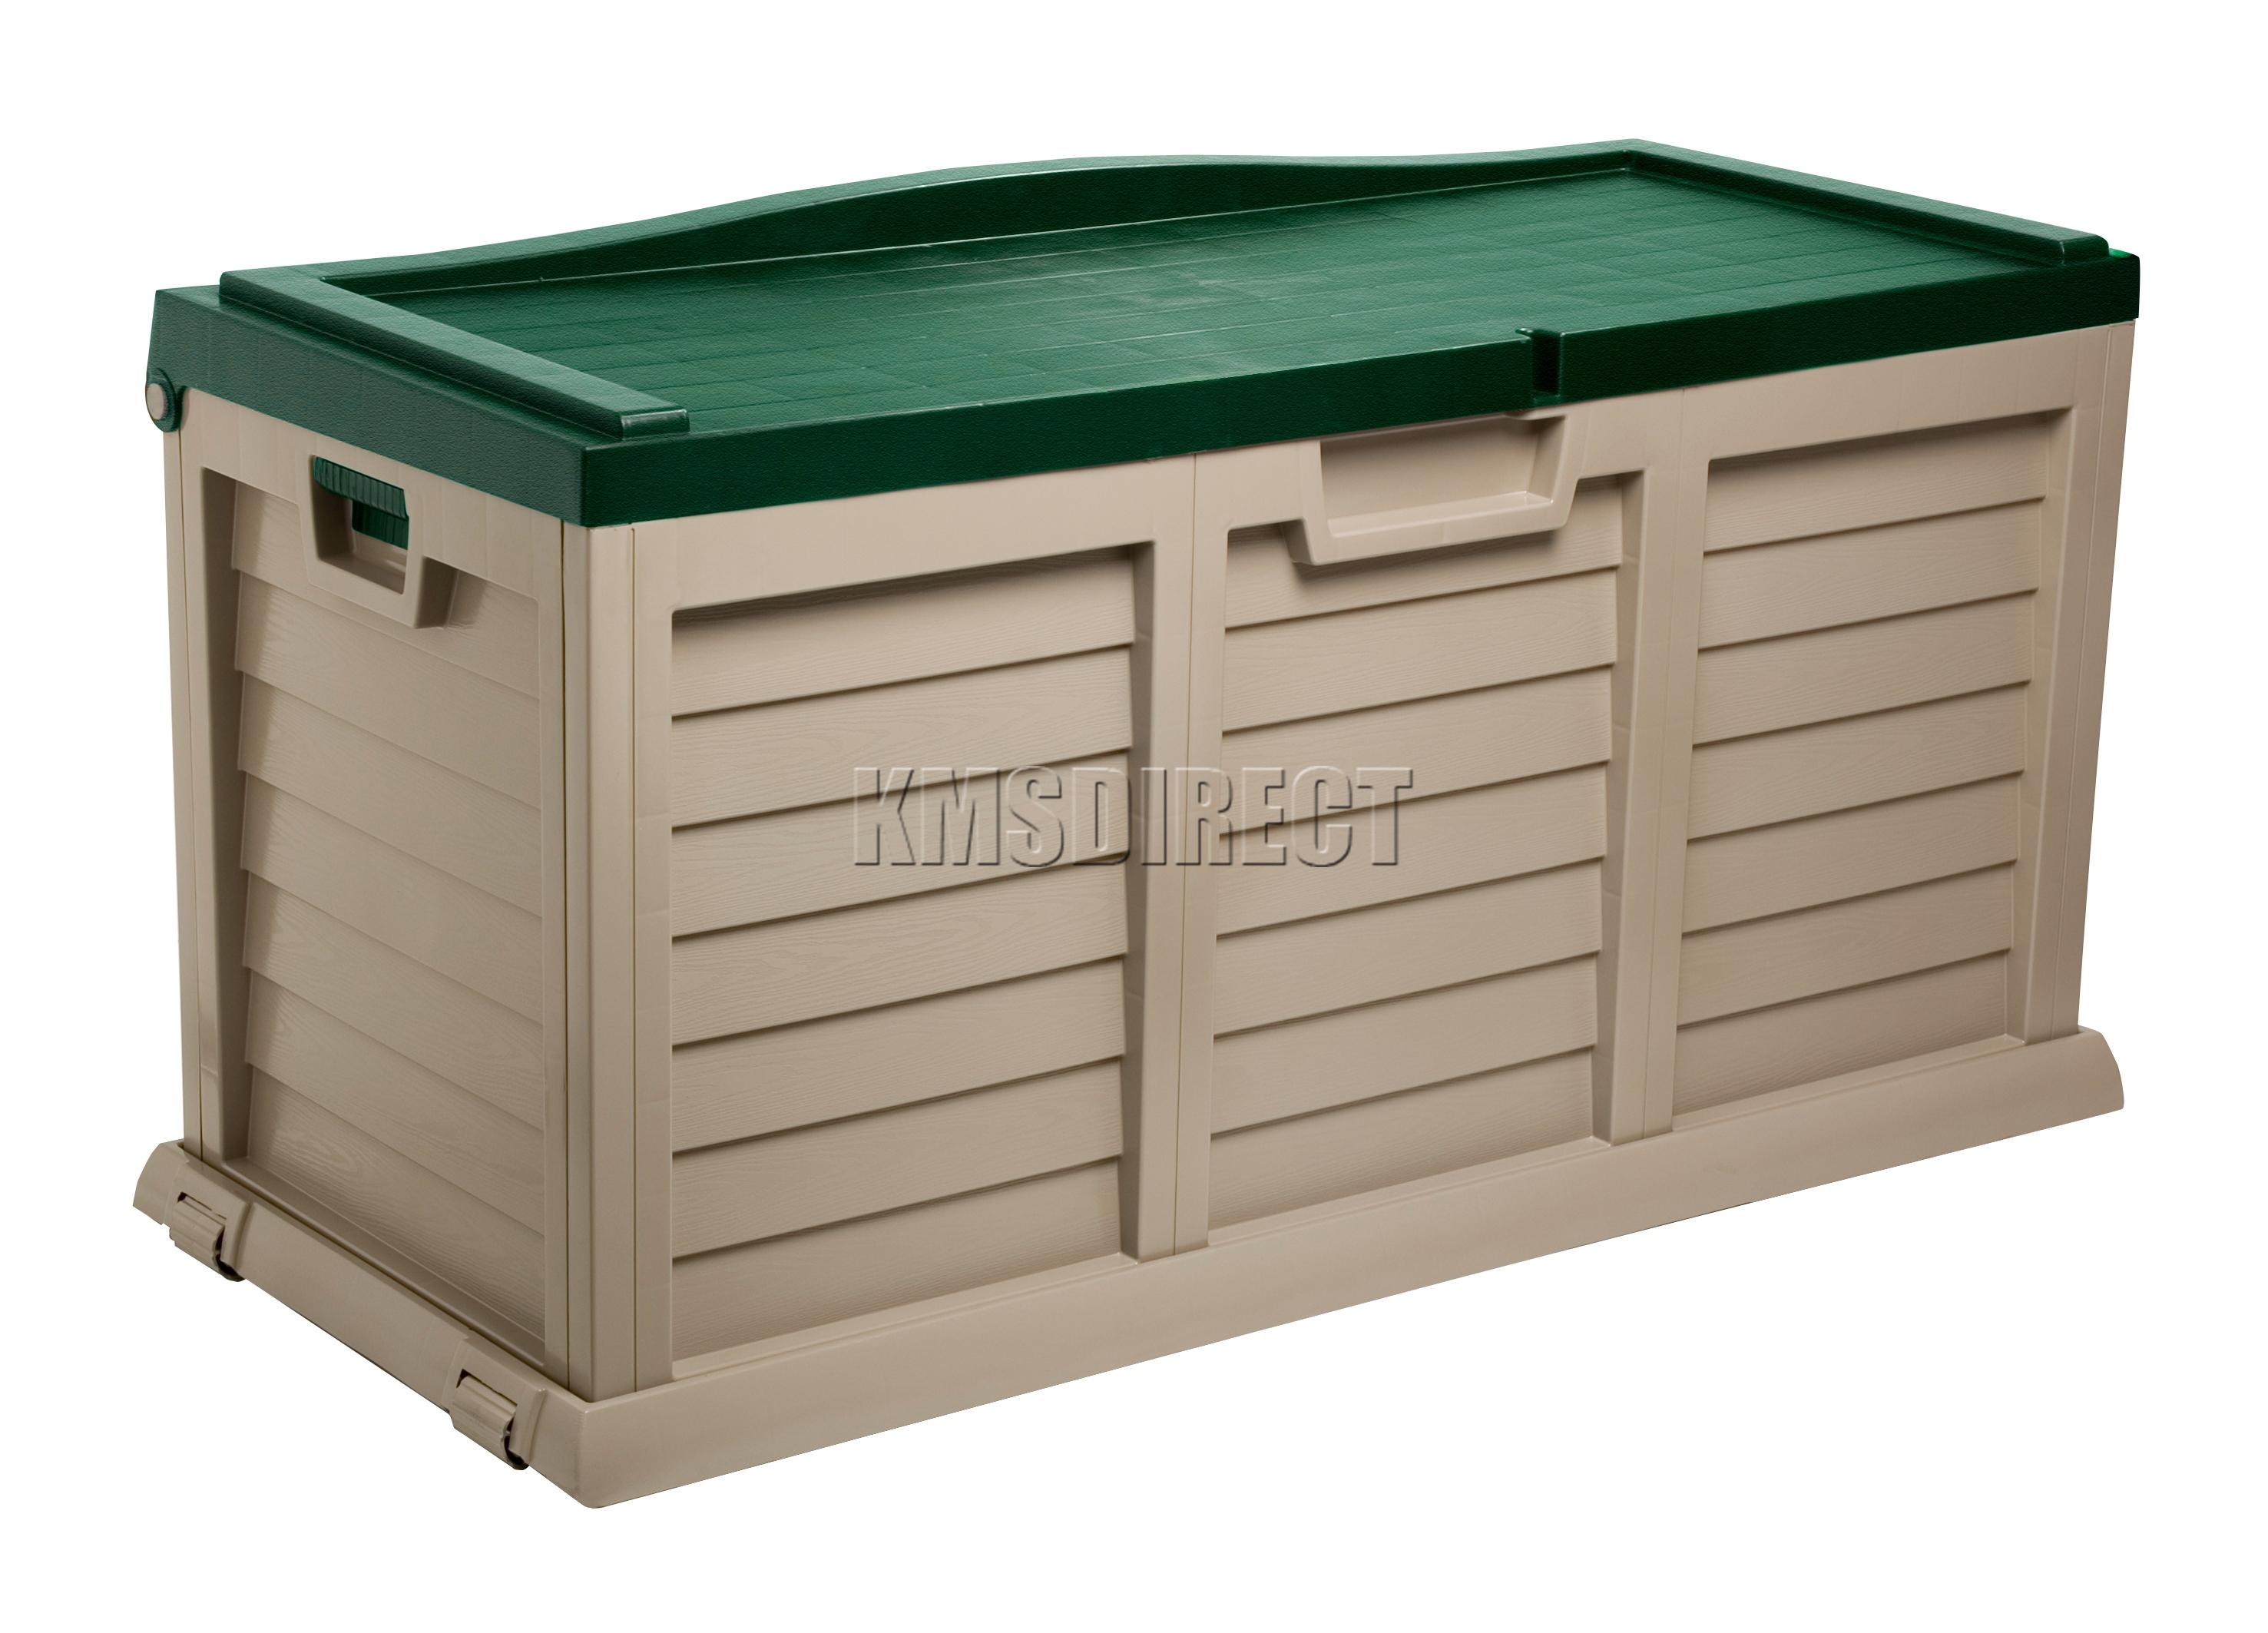 Starplast Outdoor Garden Storage Utility Chest Cushion Box